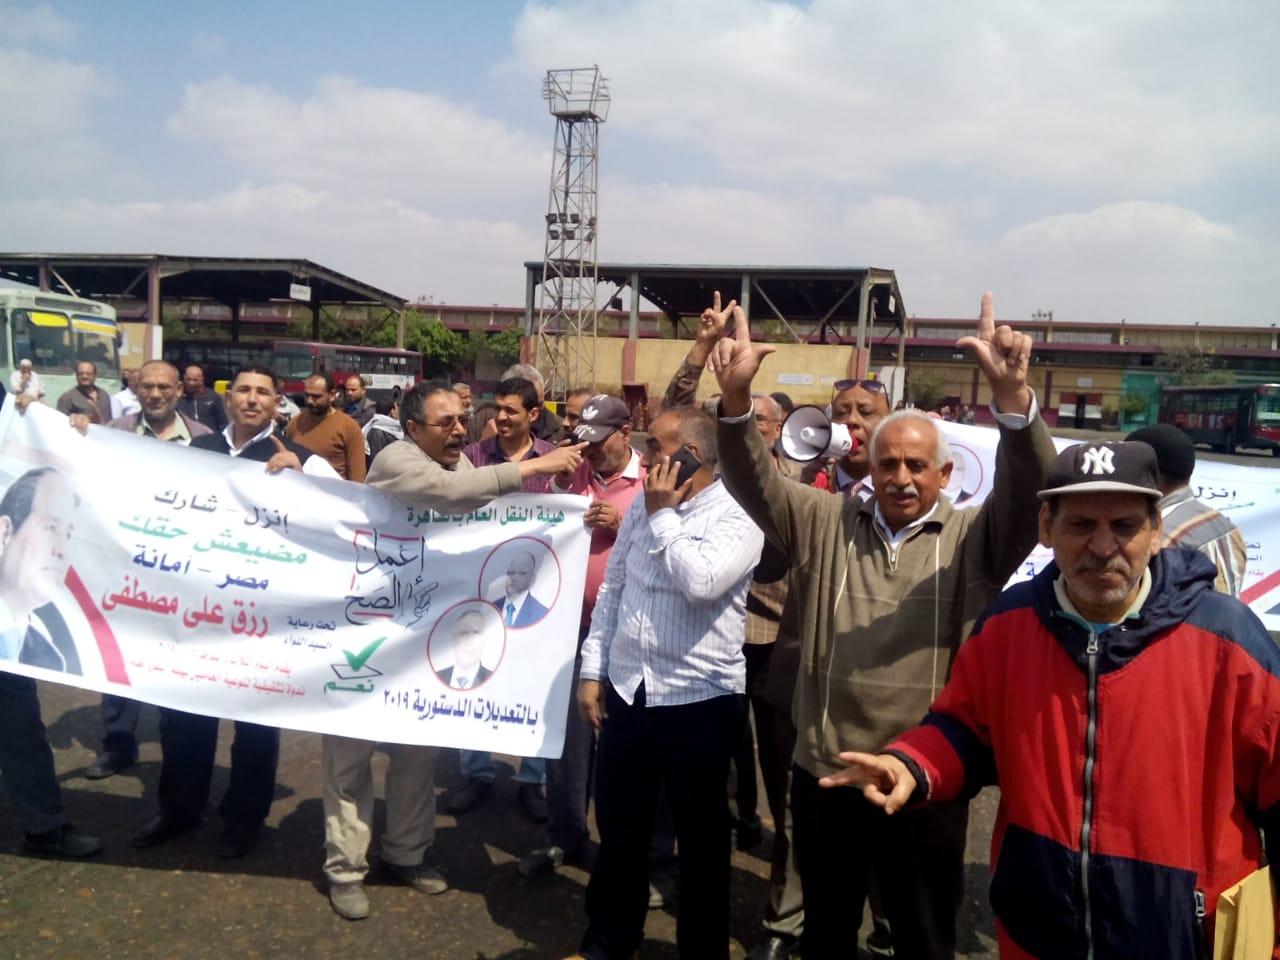 عمال هيئة النقل العام بالقاهرة يشاركون فى استفتاء الدستور (11)